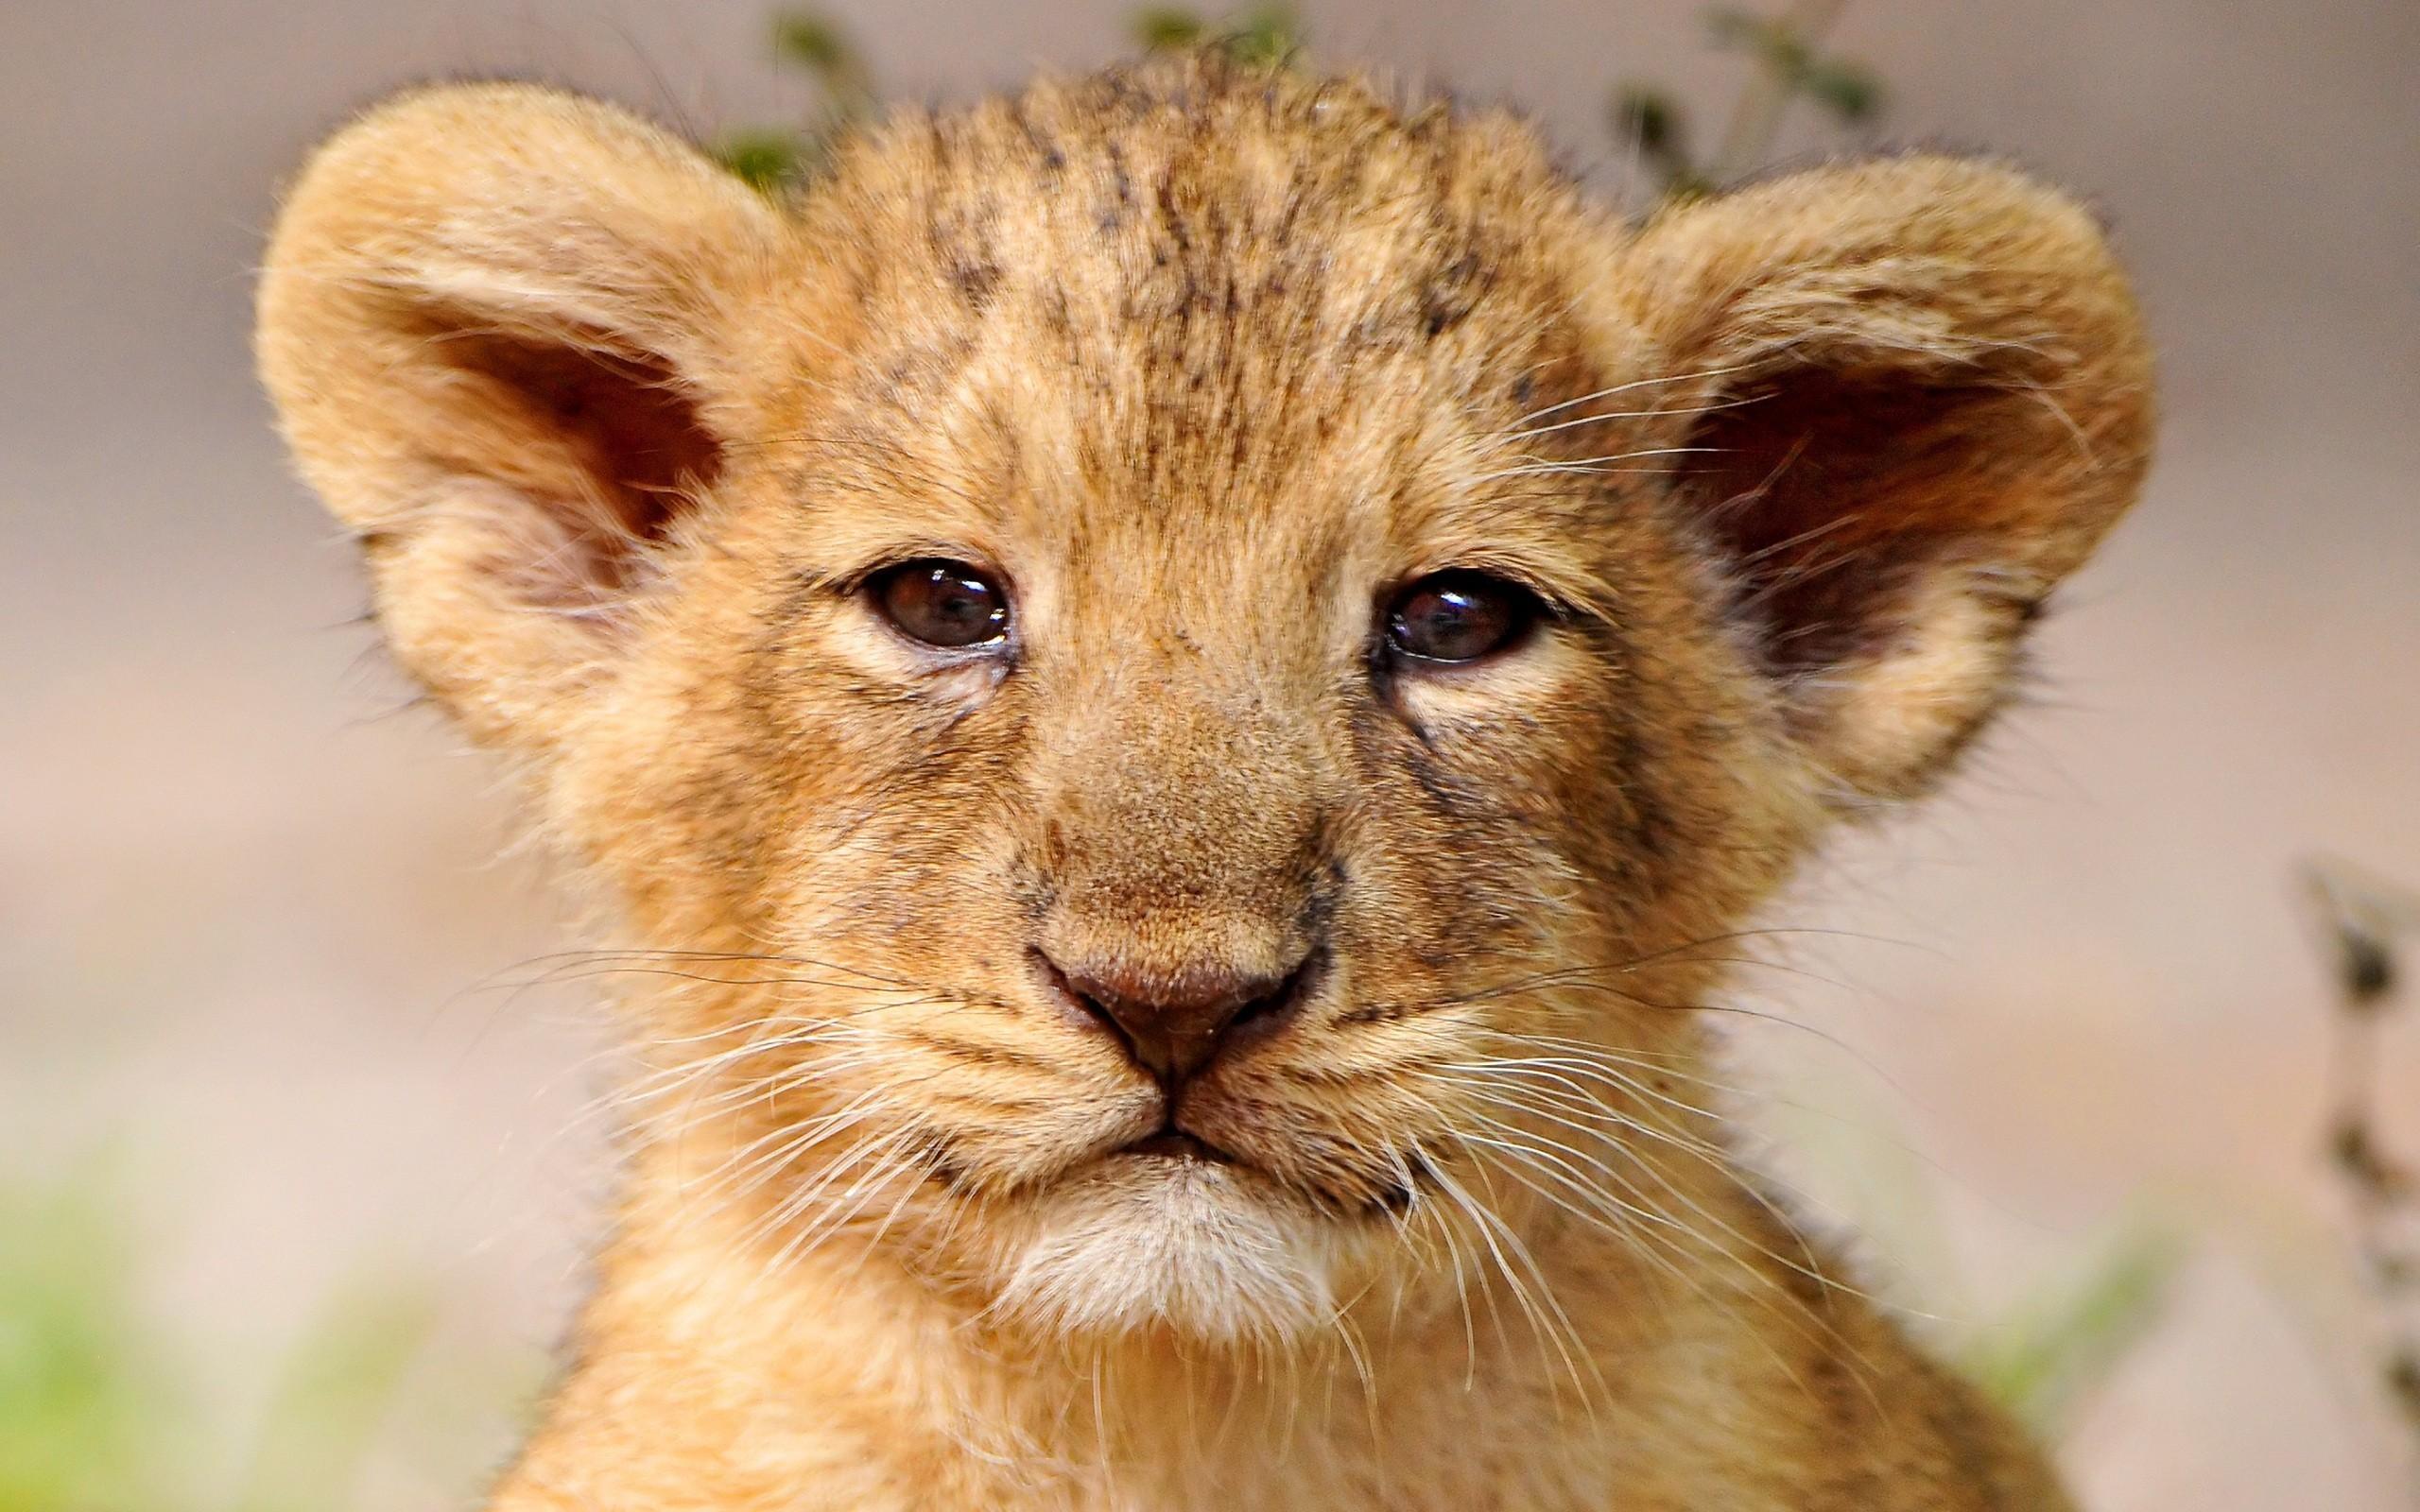 Megdöbbentő és elszomorító tényeket tárt fel egy kutatás a kenyai vadállatokról